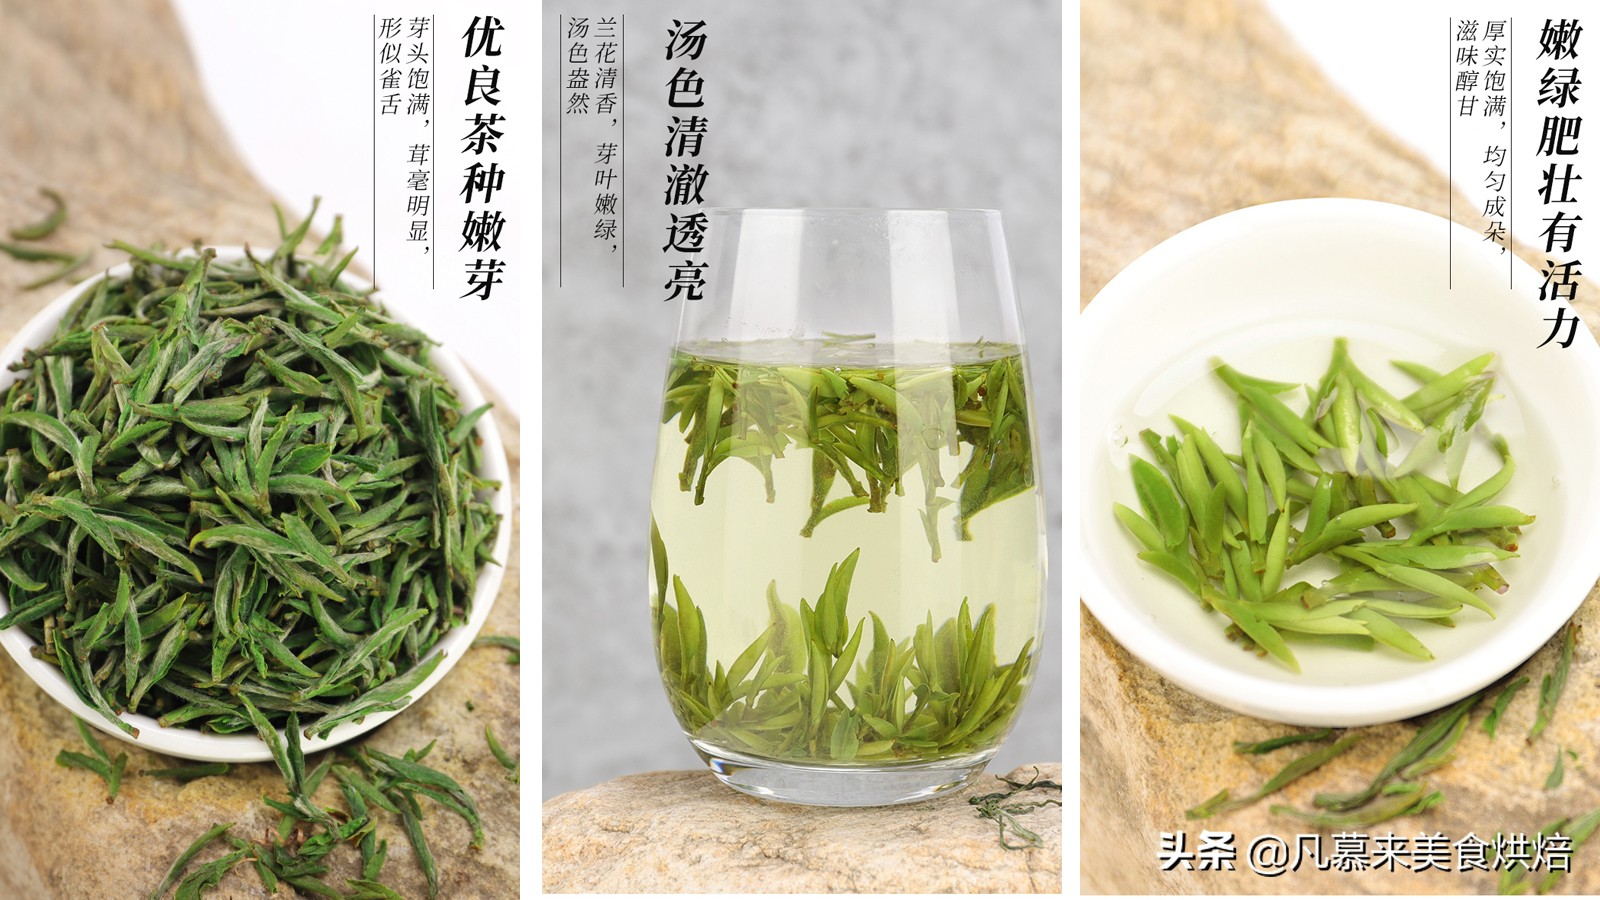 什么茶最好?茶叶品种?中国最好喝的30种名茶,如何选购茶叶